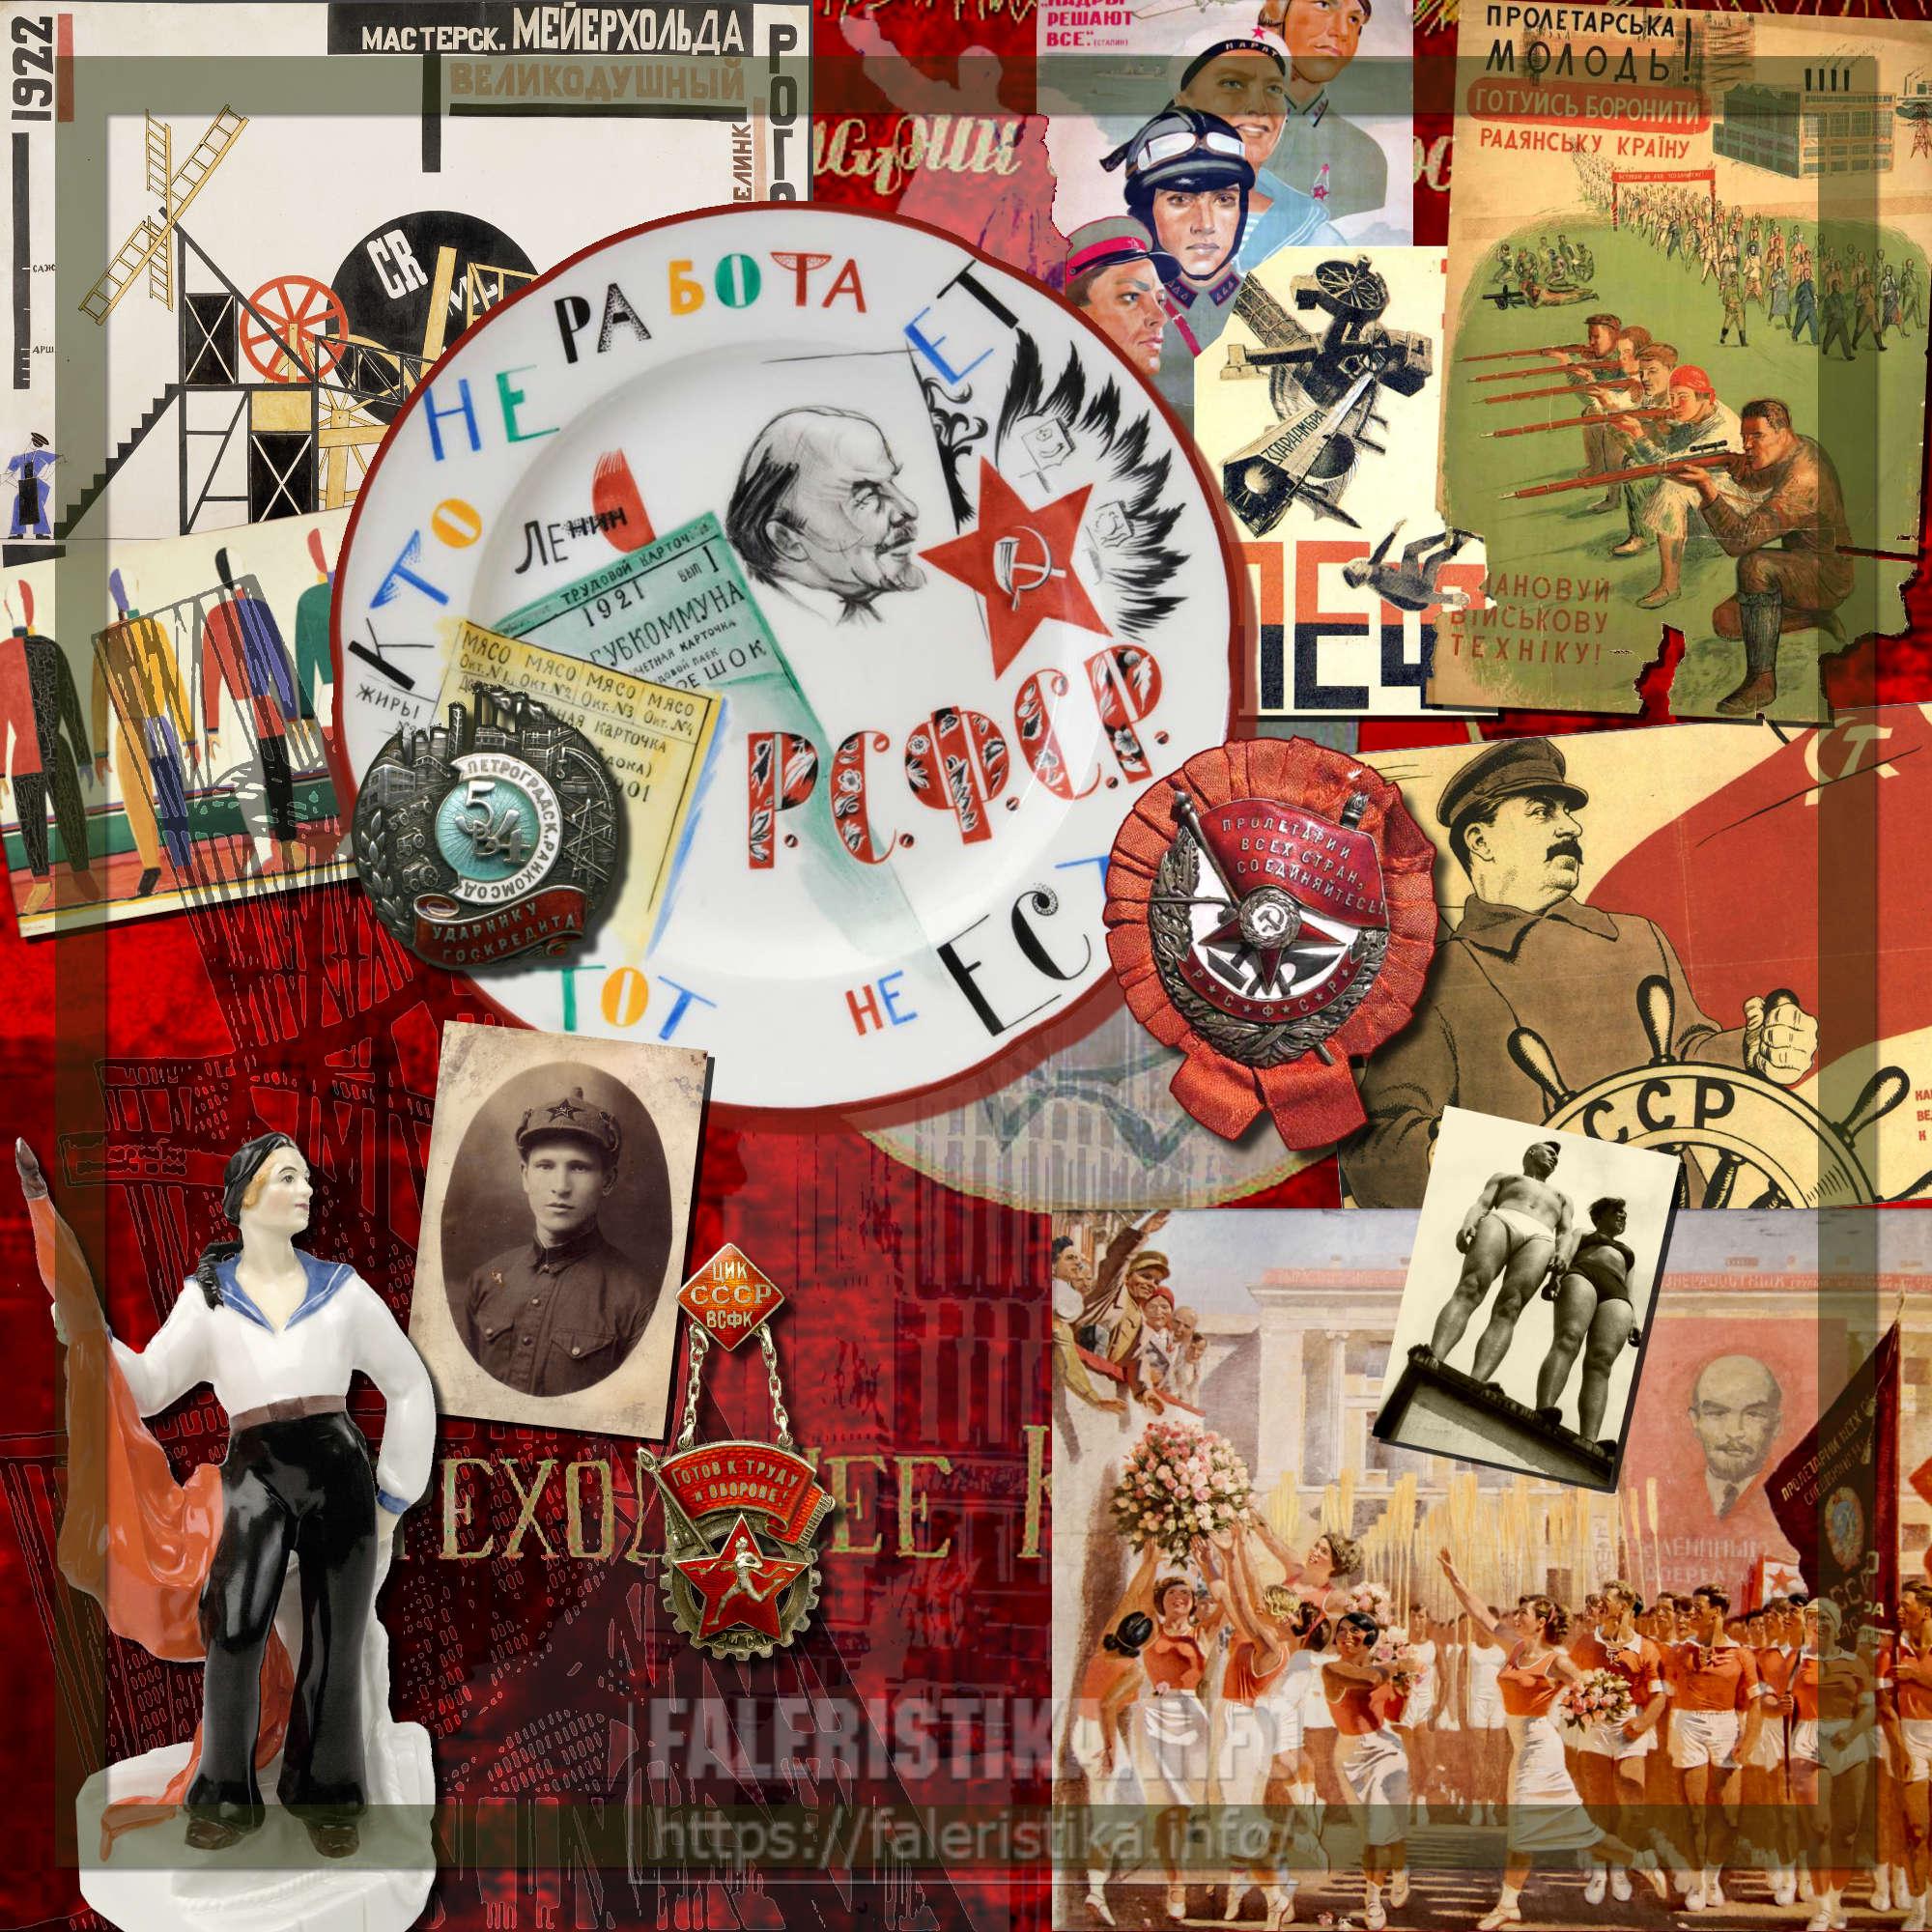 СССР 1920-х — 1930-х годов. Рождённые революцией, или агитационный красный миф. Авангард, переходящий в соцреализм, конструктивизм и абстракционизм, переходящие в сталинский ампир. Мифология большевизма и коммунизма